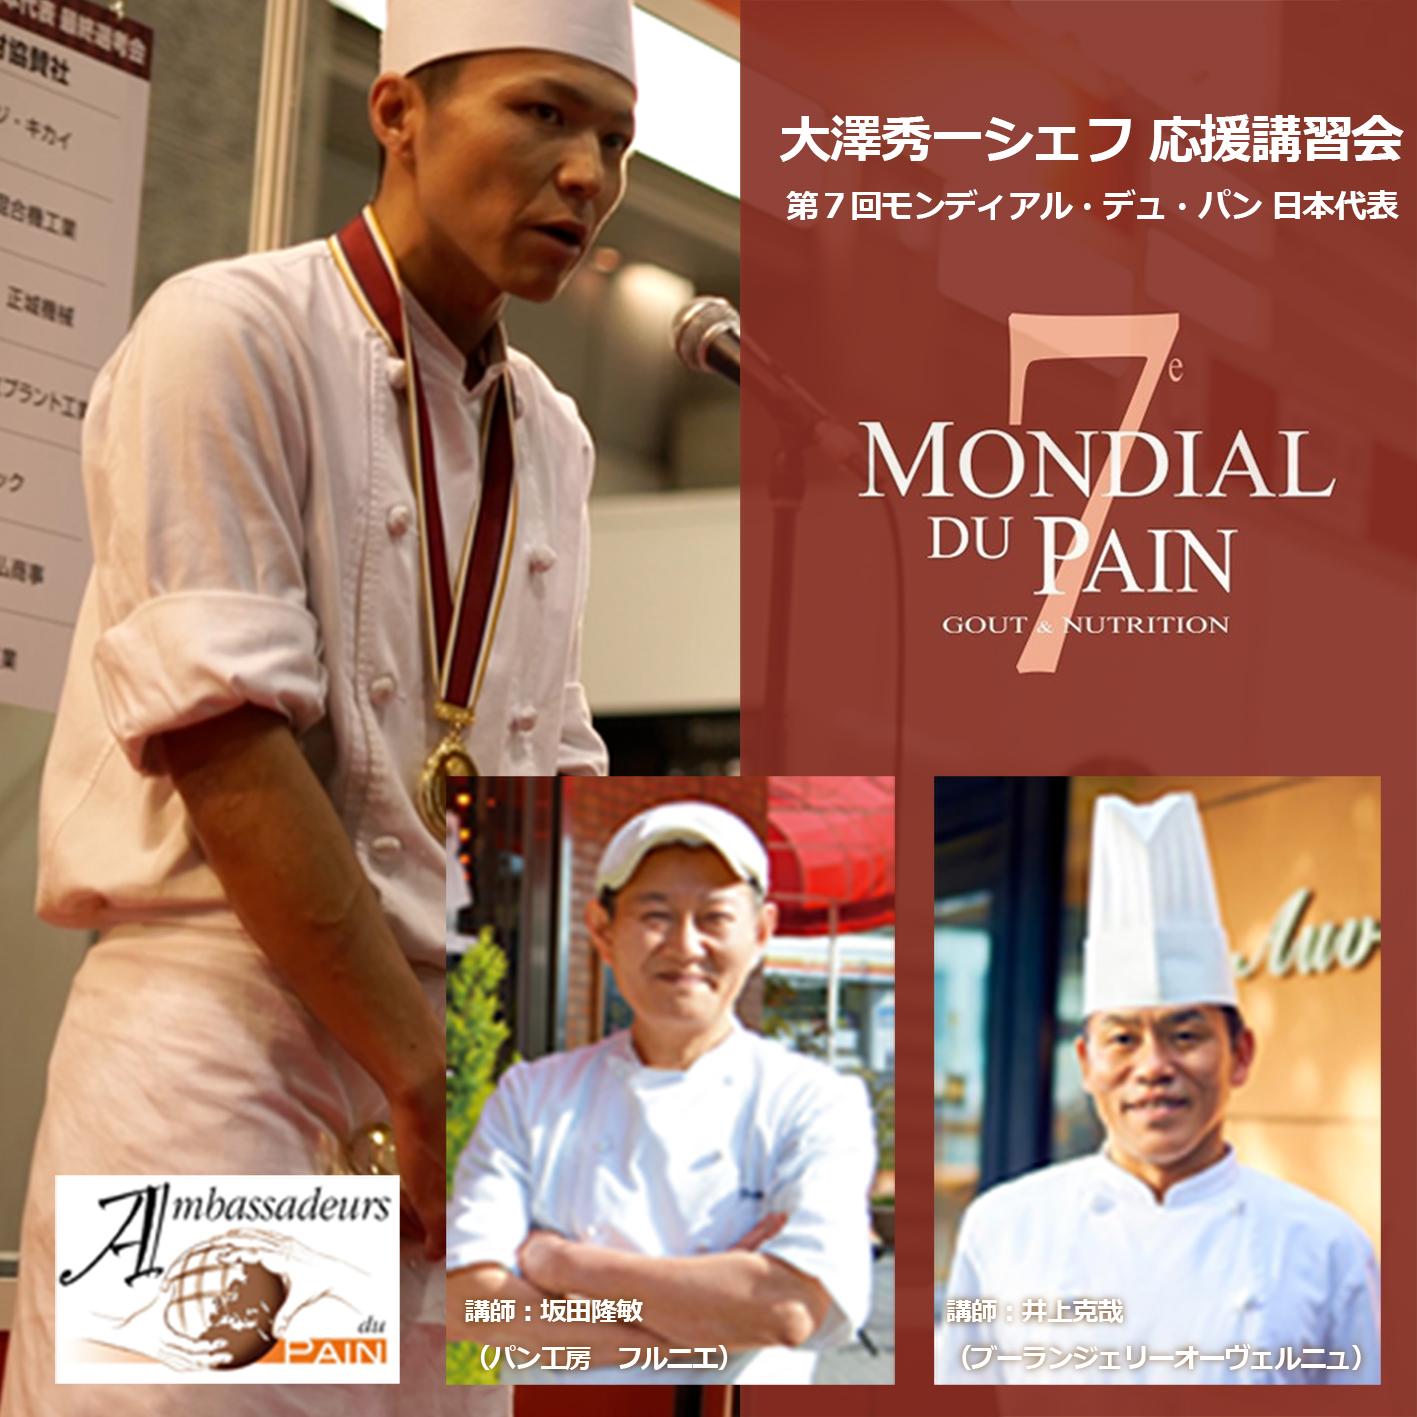 第7回 モンディアル・デュ・パン 日本代表 大澤秀一シェフ応援講習会